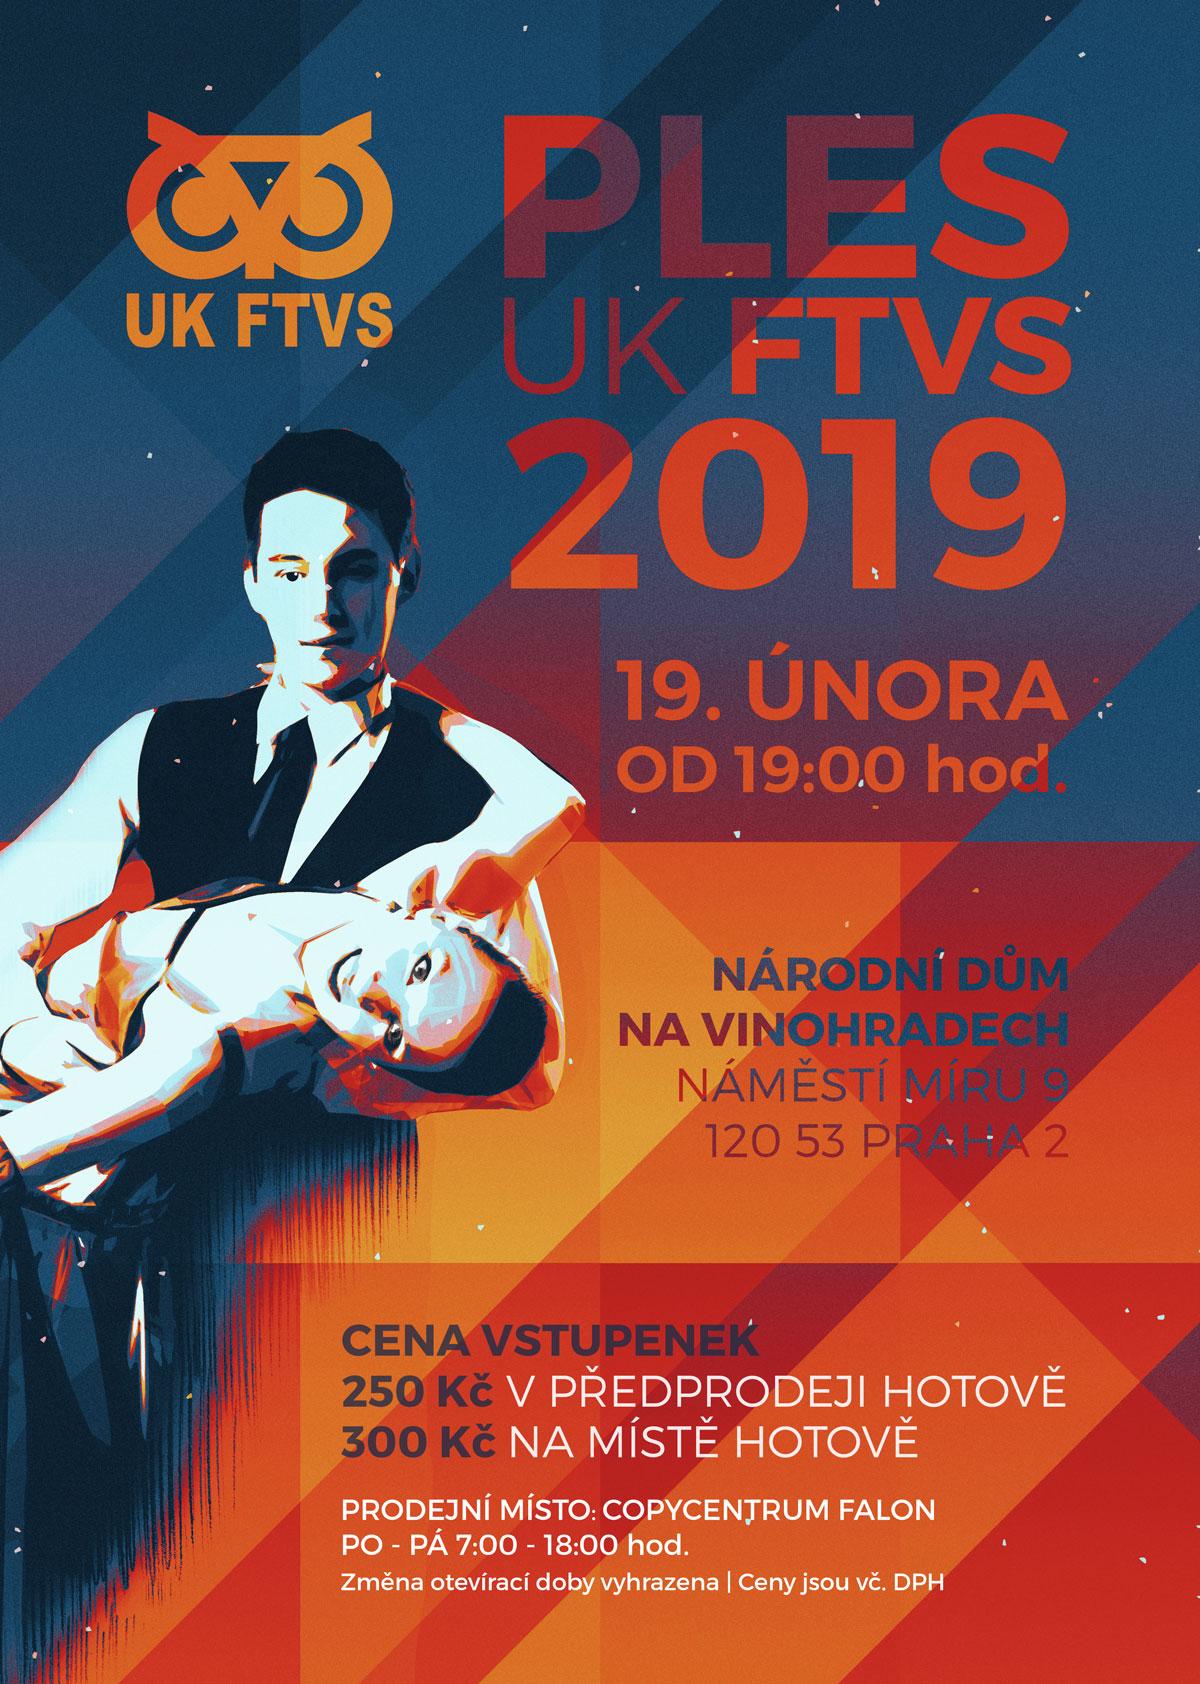 Plakát ples UK FTVS 2019